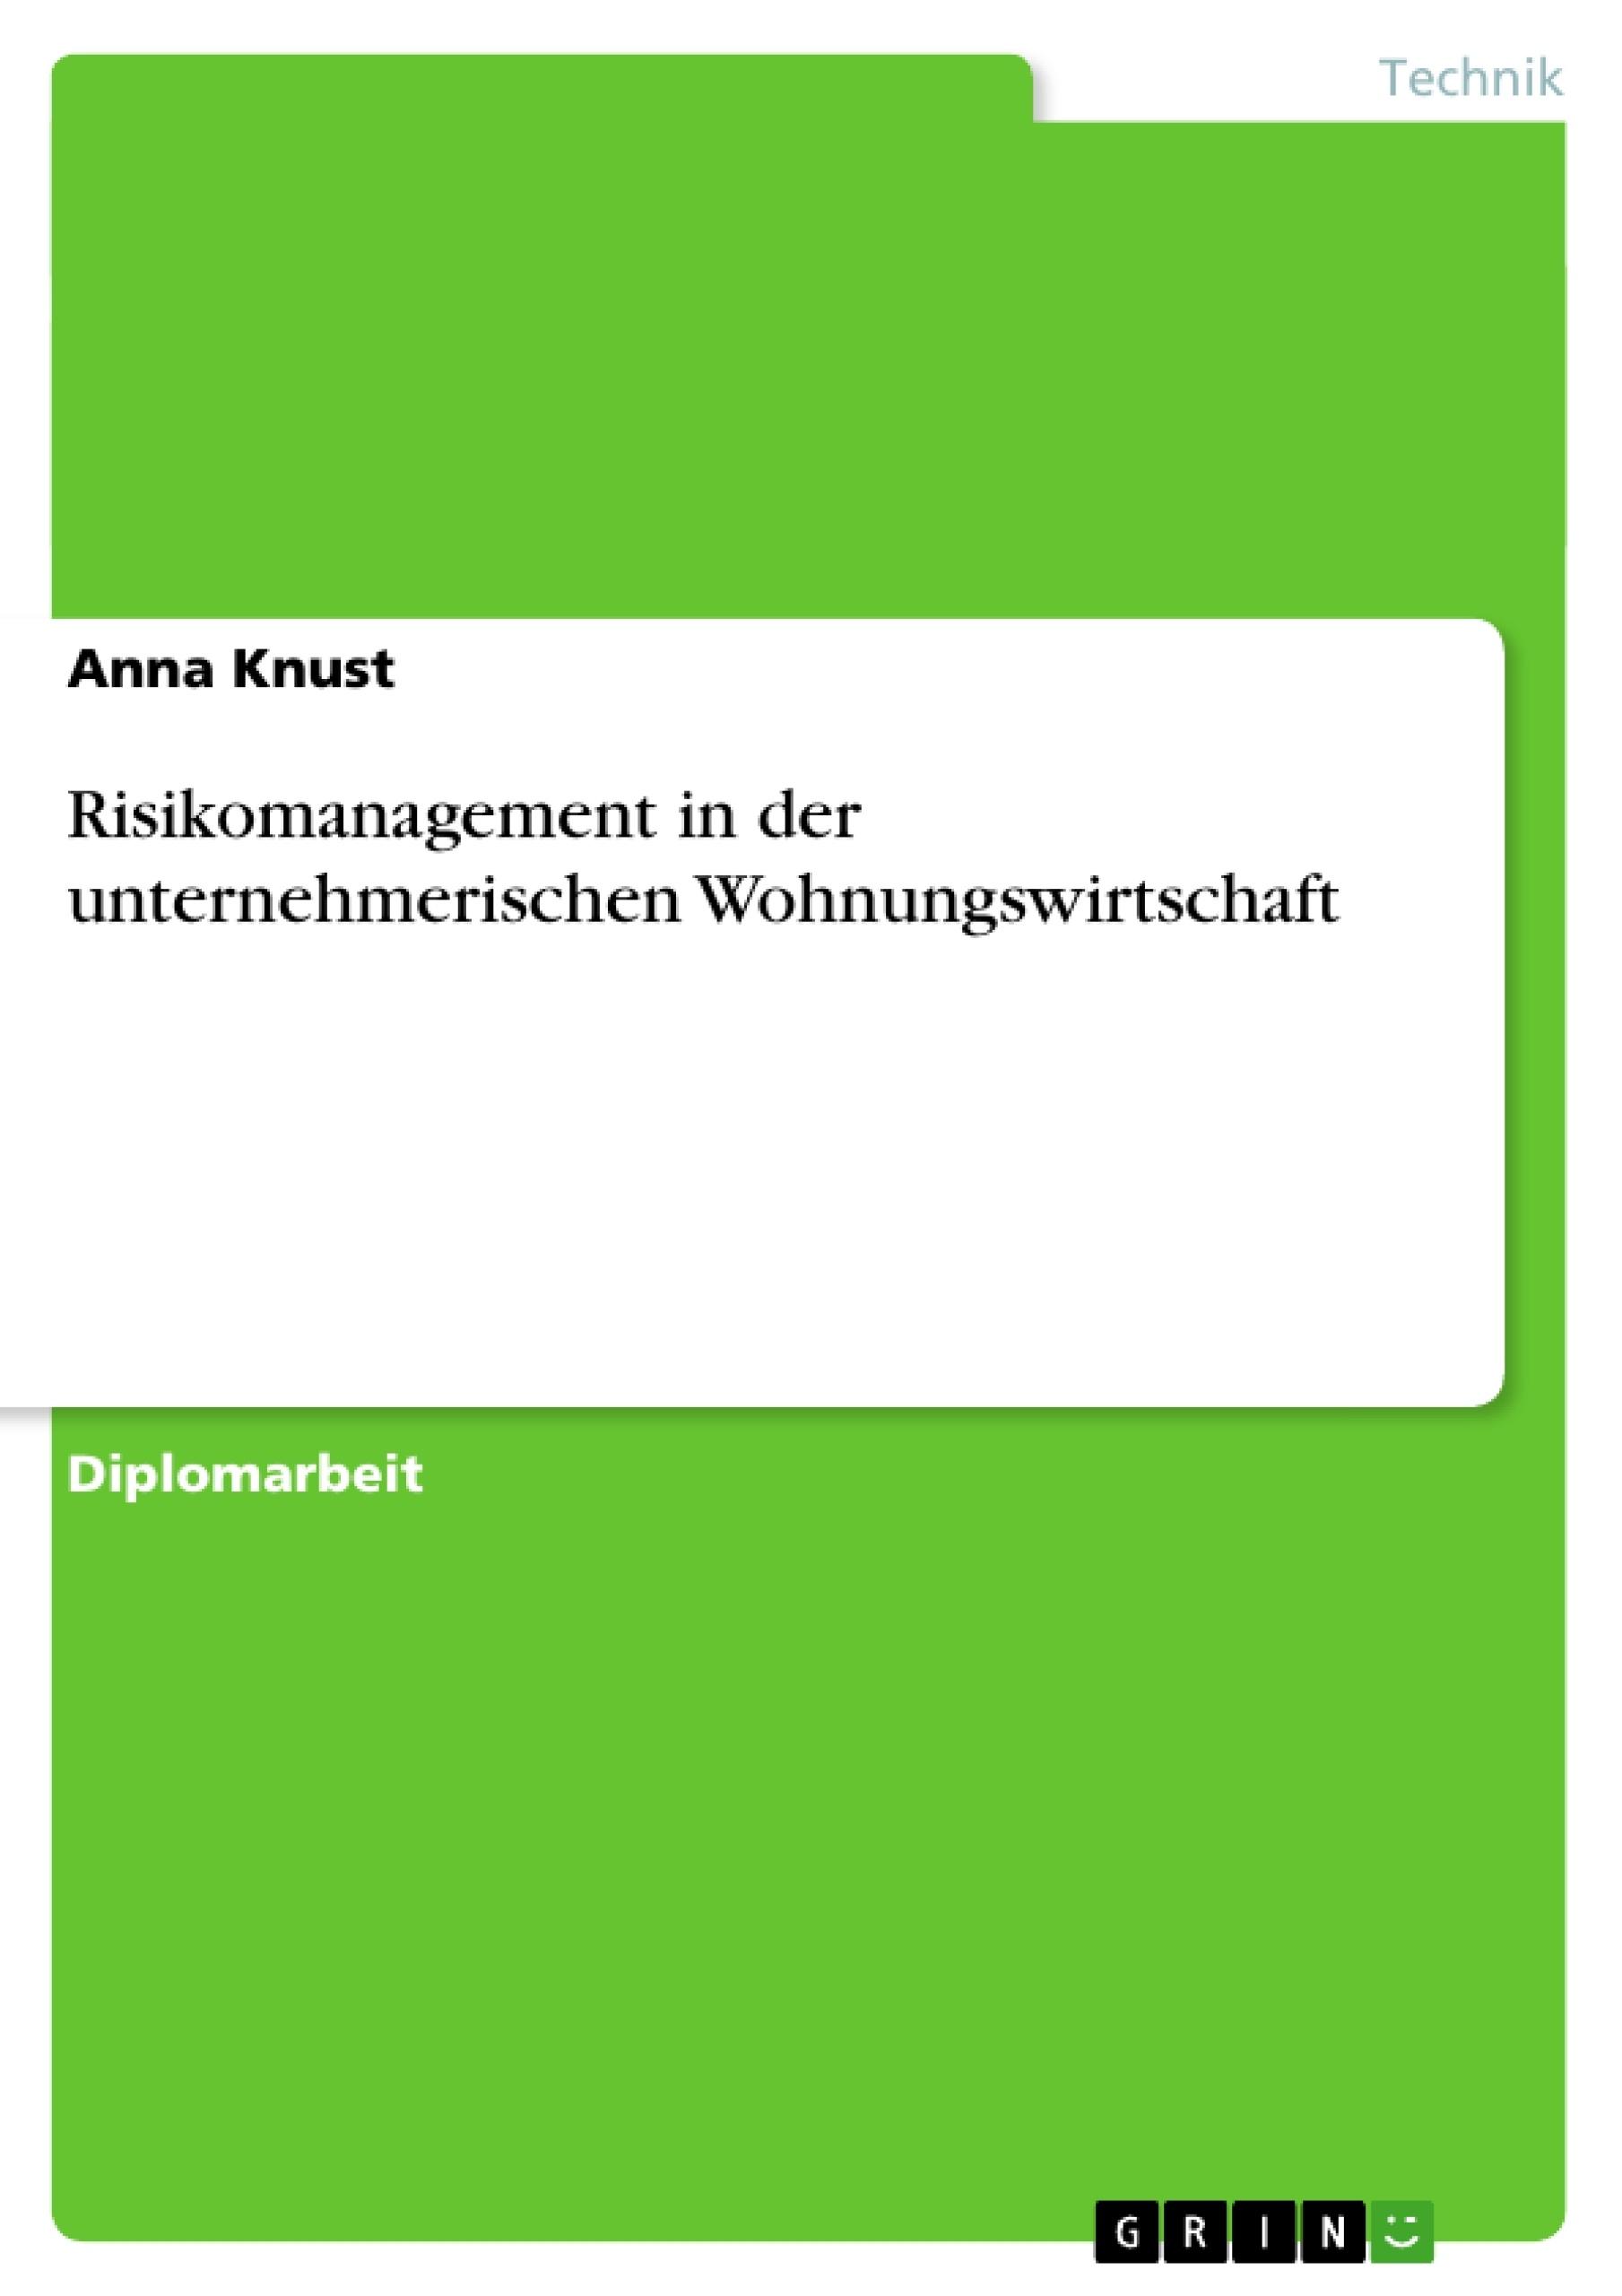 Titel: Risikomanagement in der unternehmerischen Wohnungswirtschaft